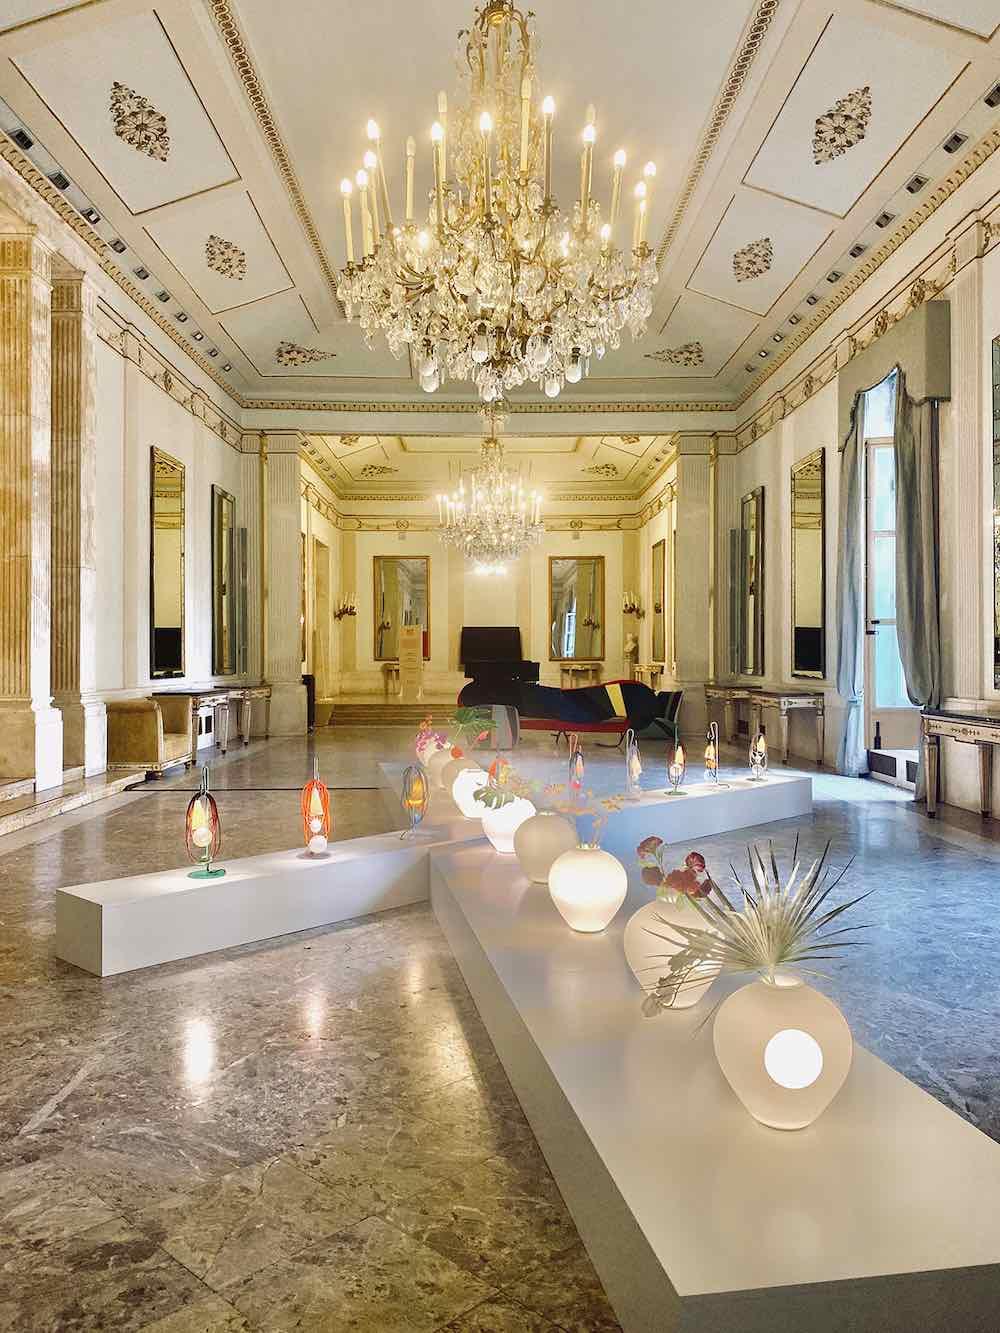 Edit Napoli 2020 - Foscarini @ Teatro di San Carlo - ©Serena Eller Vainicher